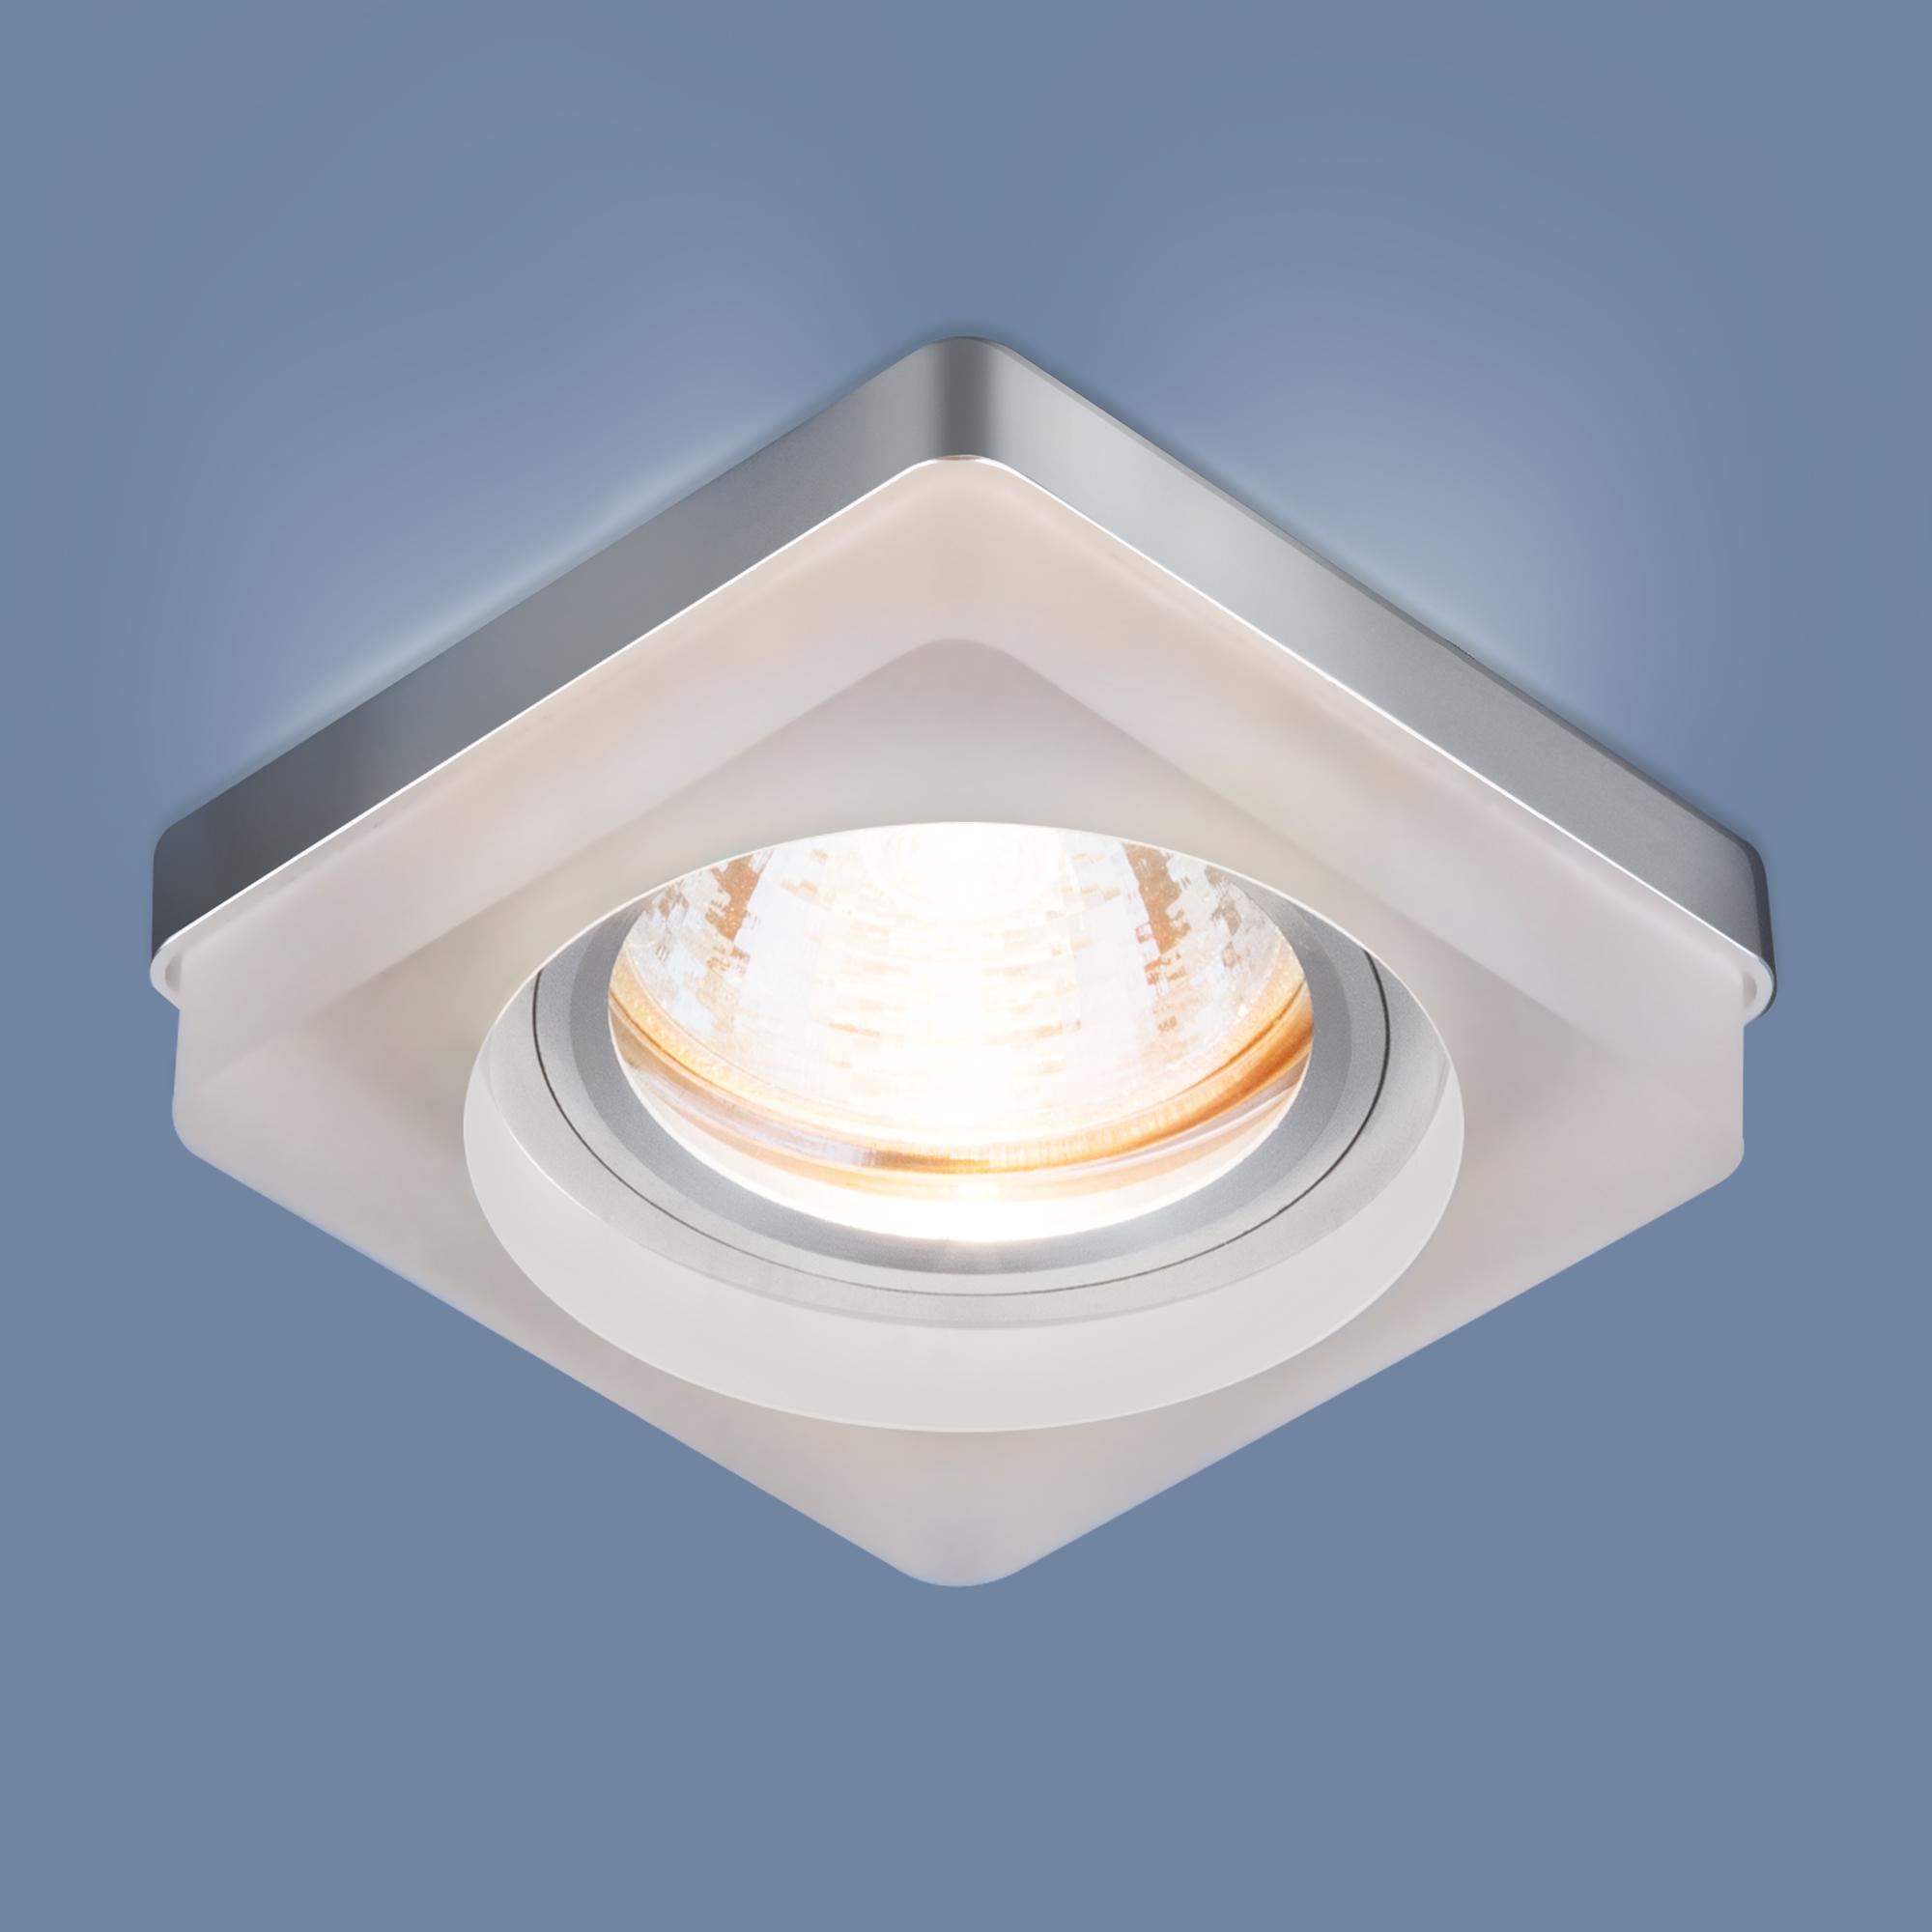 Встраиваемый точечный светильник с LED подсветкой 2207 MR16 MT матовый